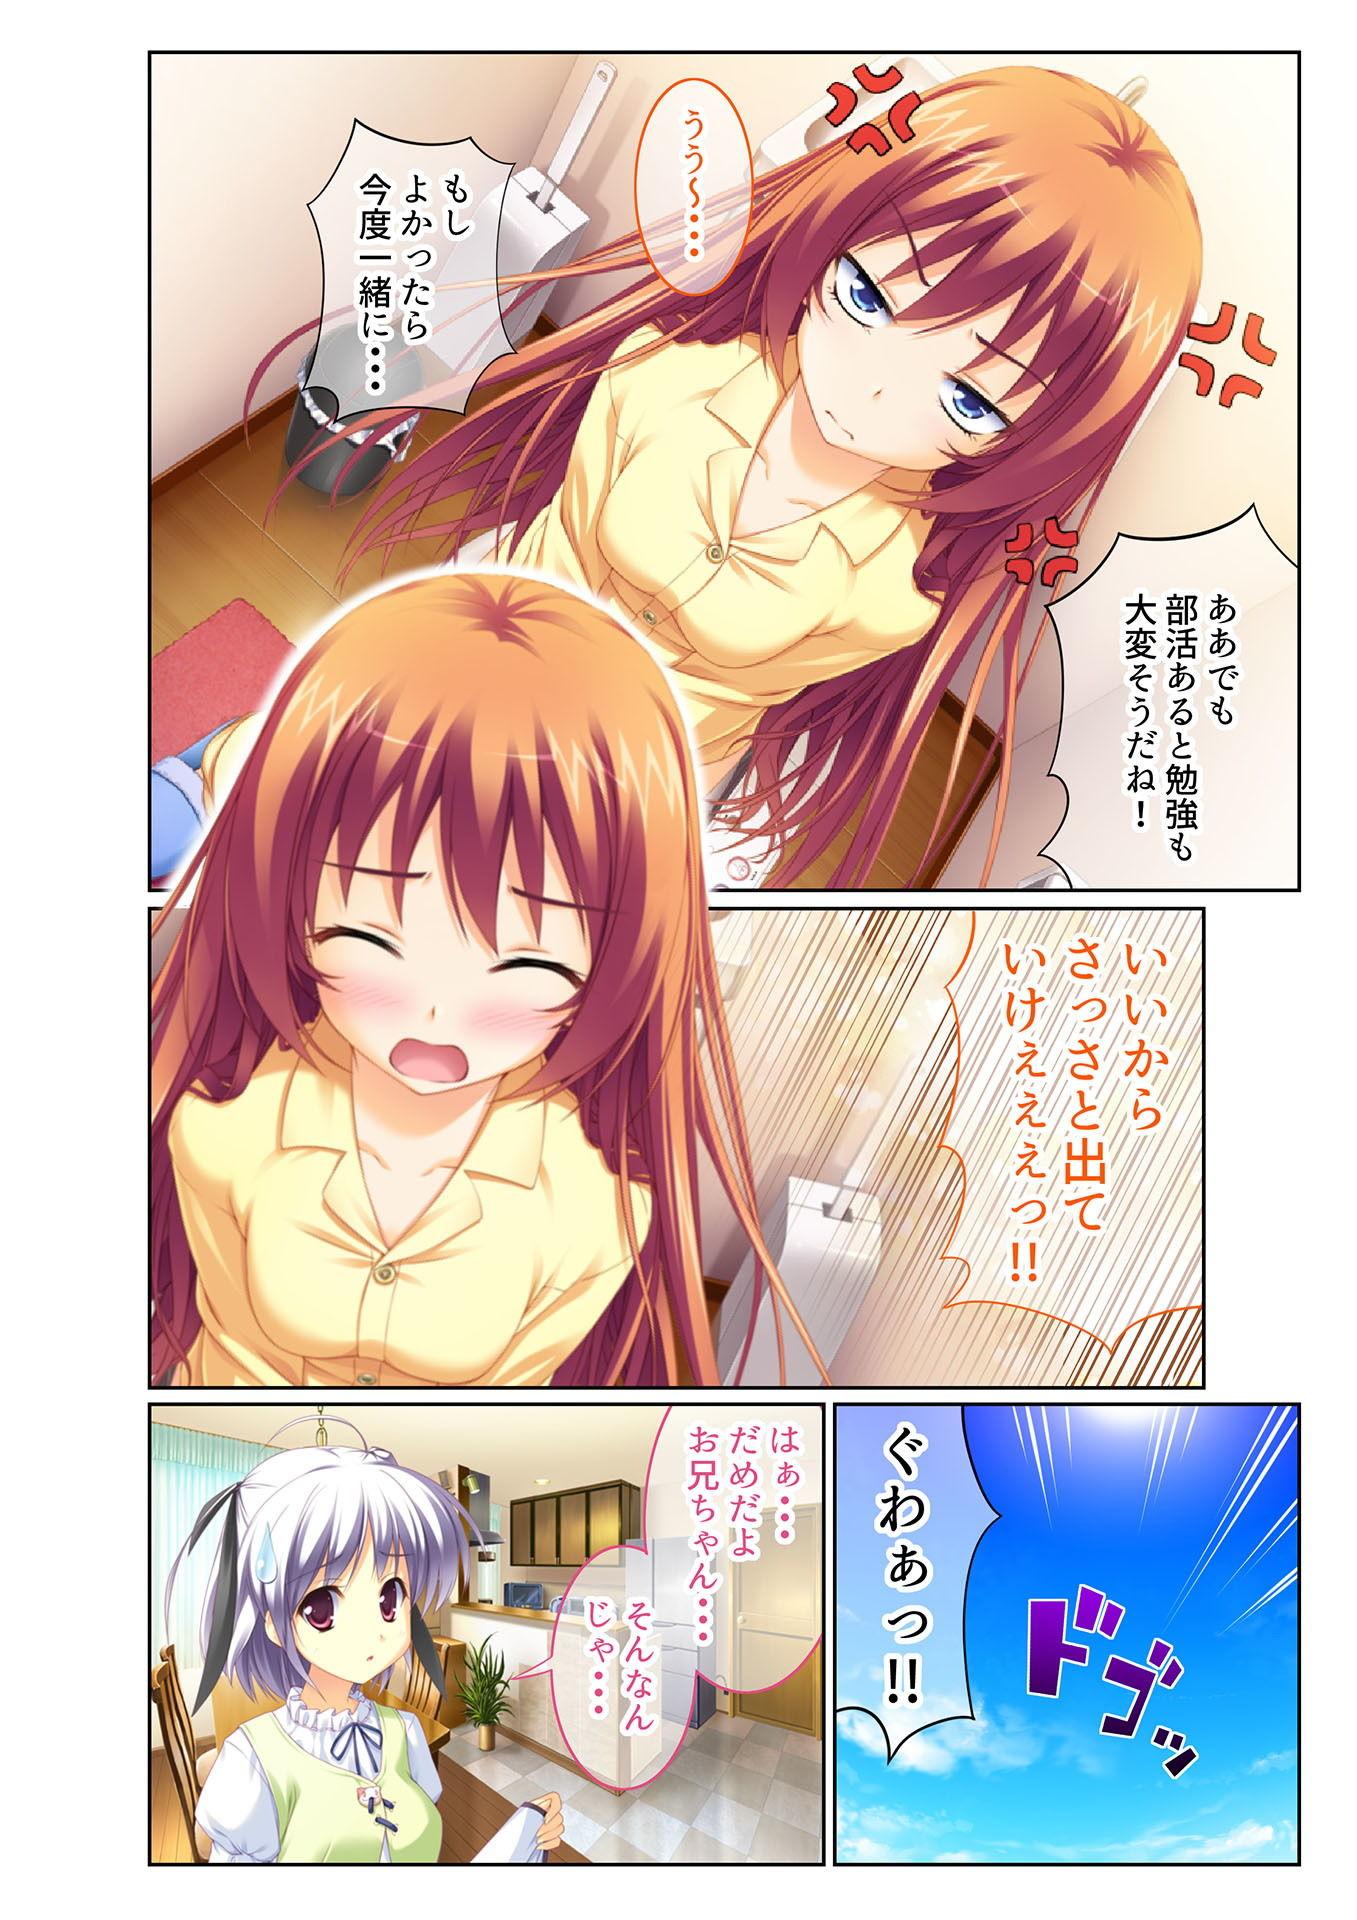 いもうとハーレム 〜お兄ちゃん、えっちしよ〜(3) フルカラーコミック版